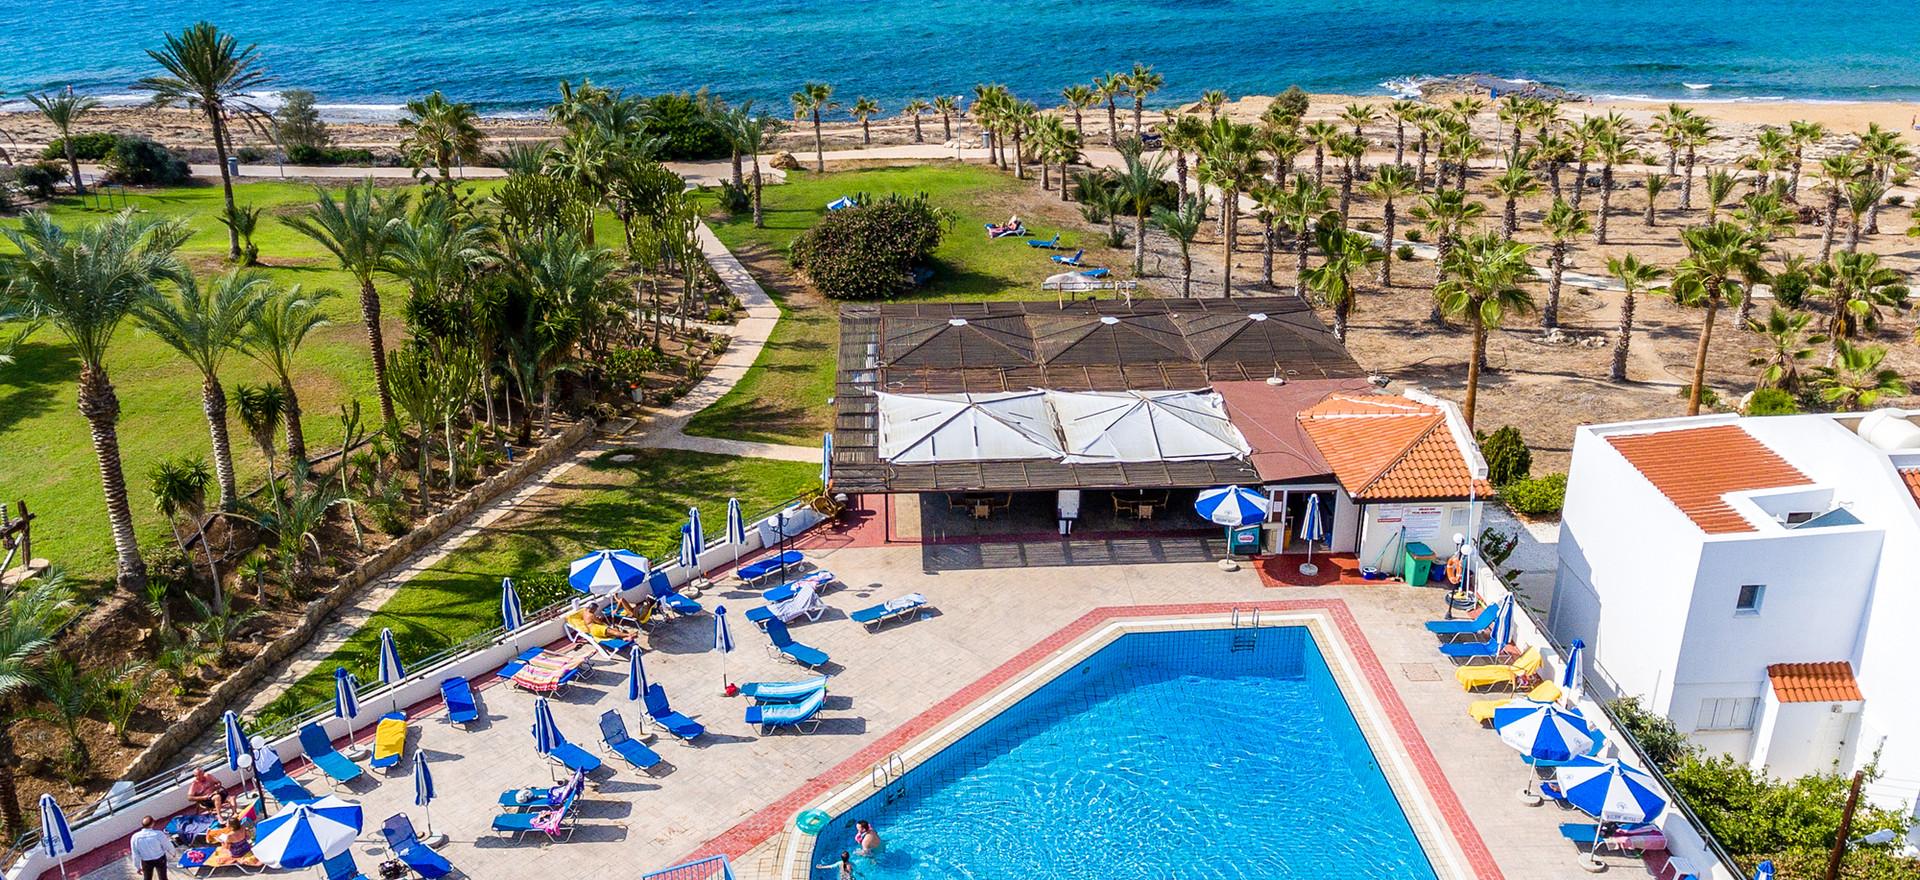 Aerial swimming pool